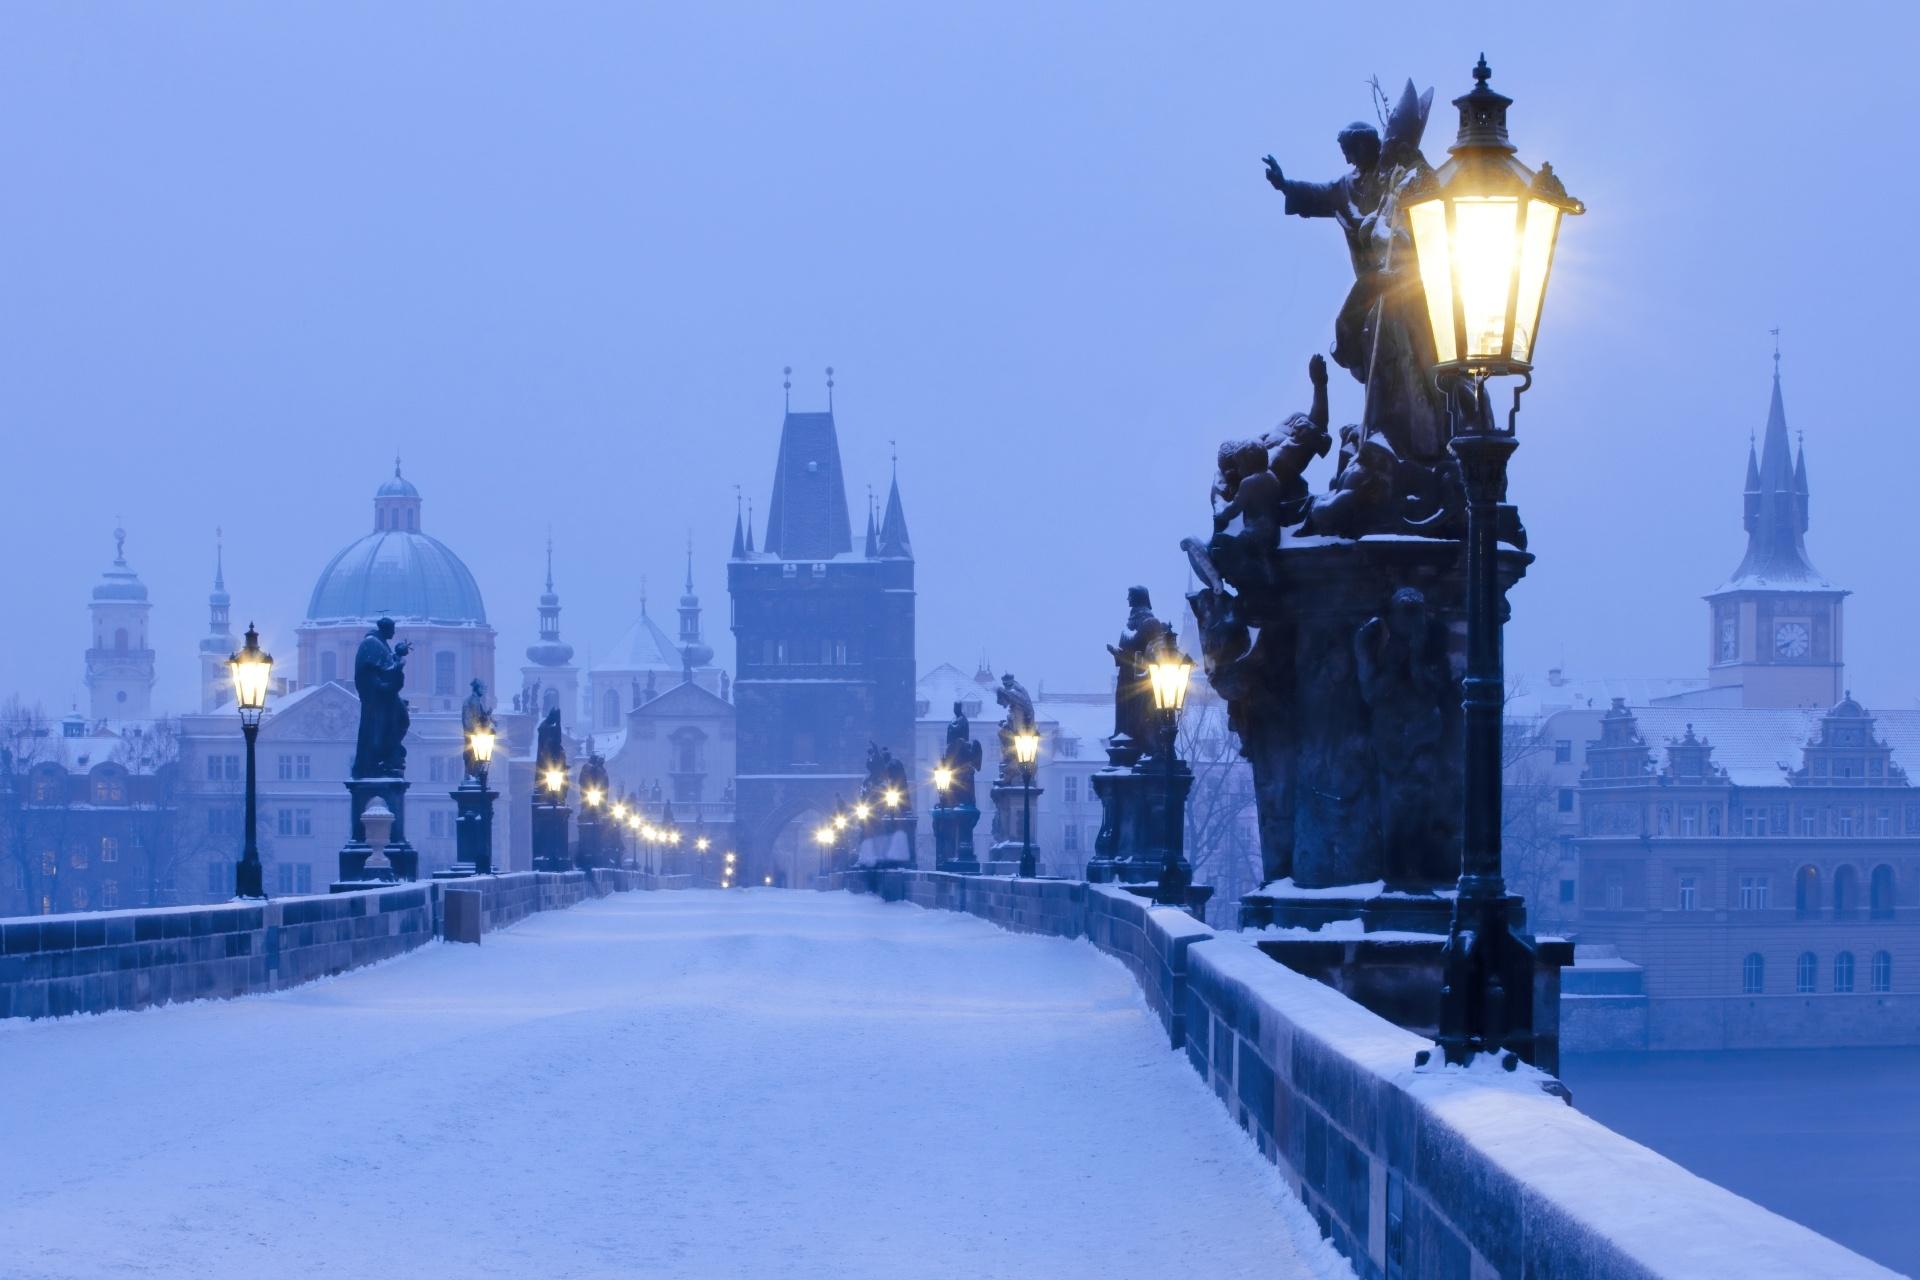 冬の朝のカレル橋 プラハの風景 チェコの風景